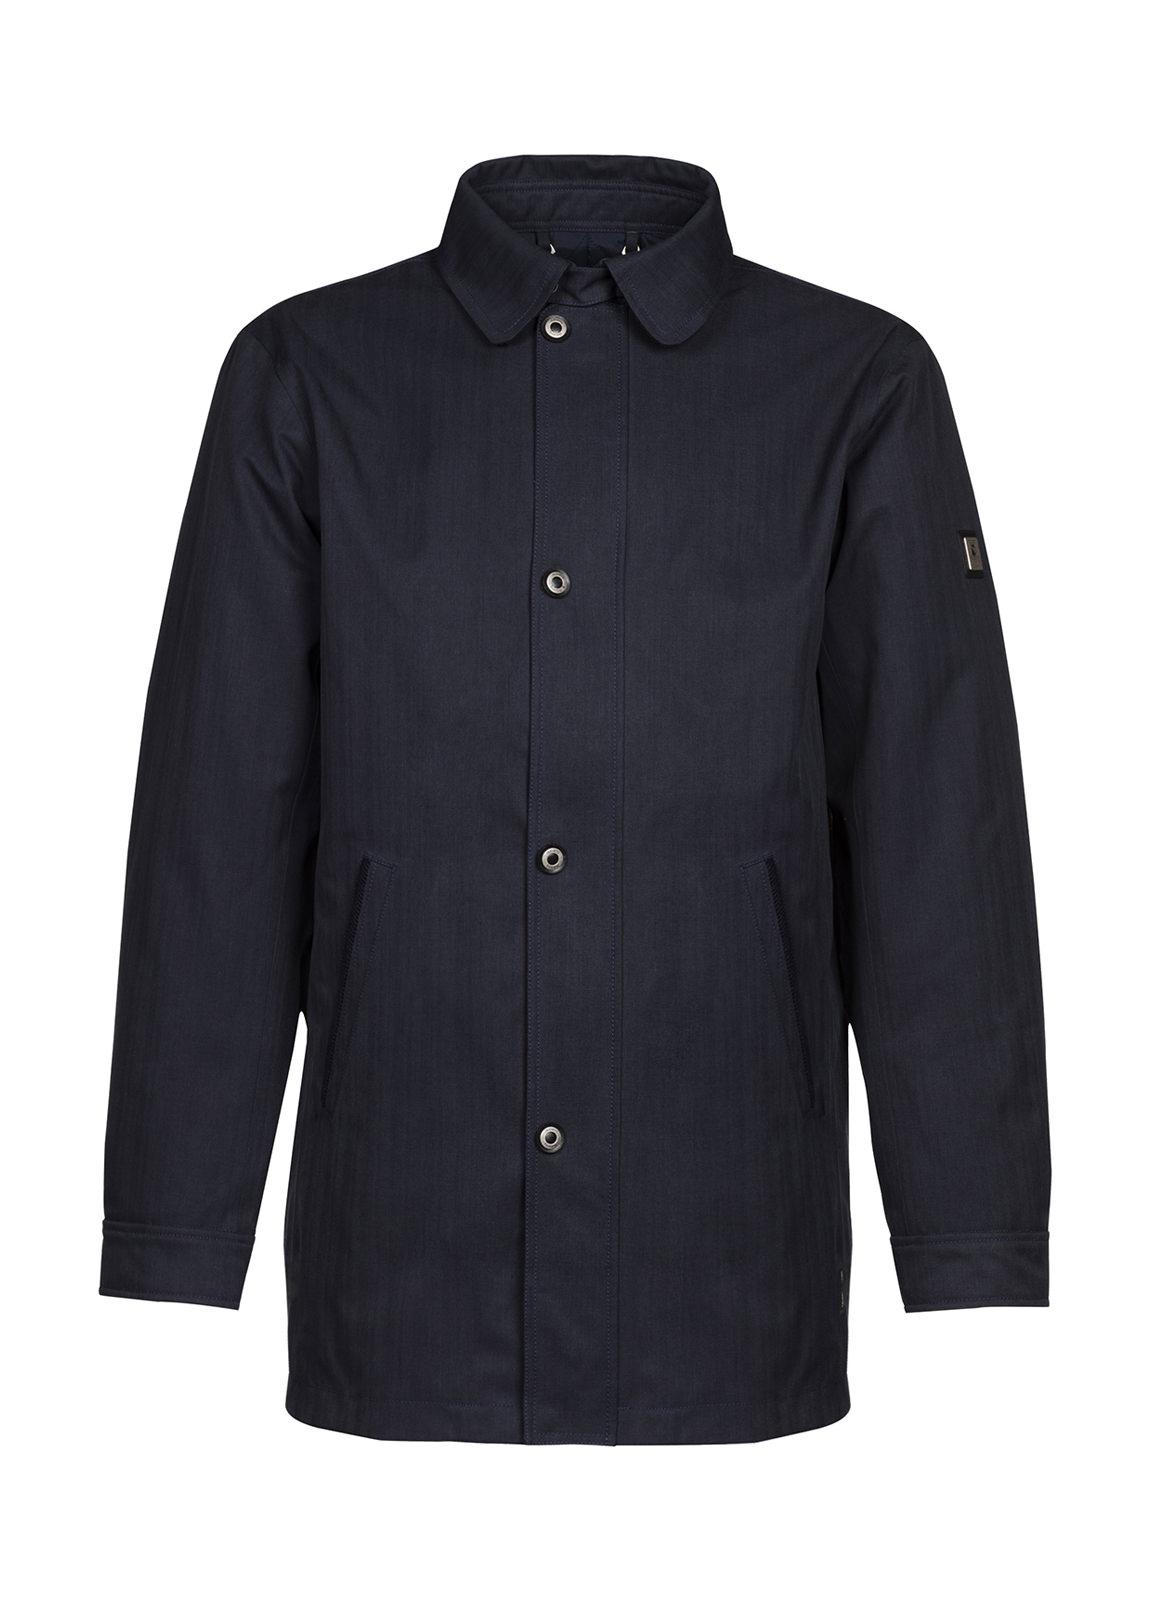 Belturbet Overcoat - Navy